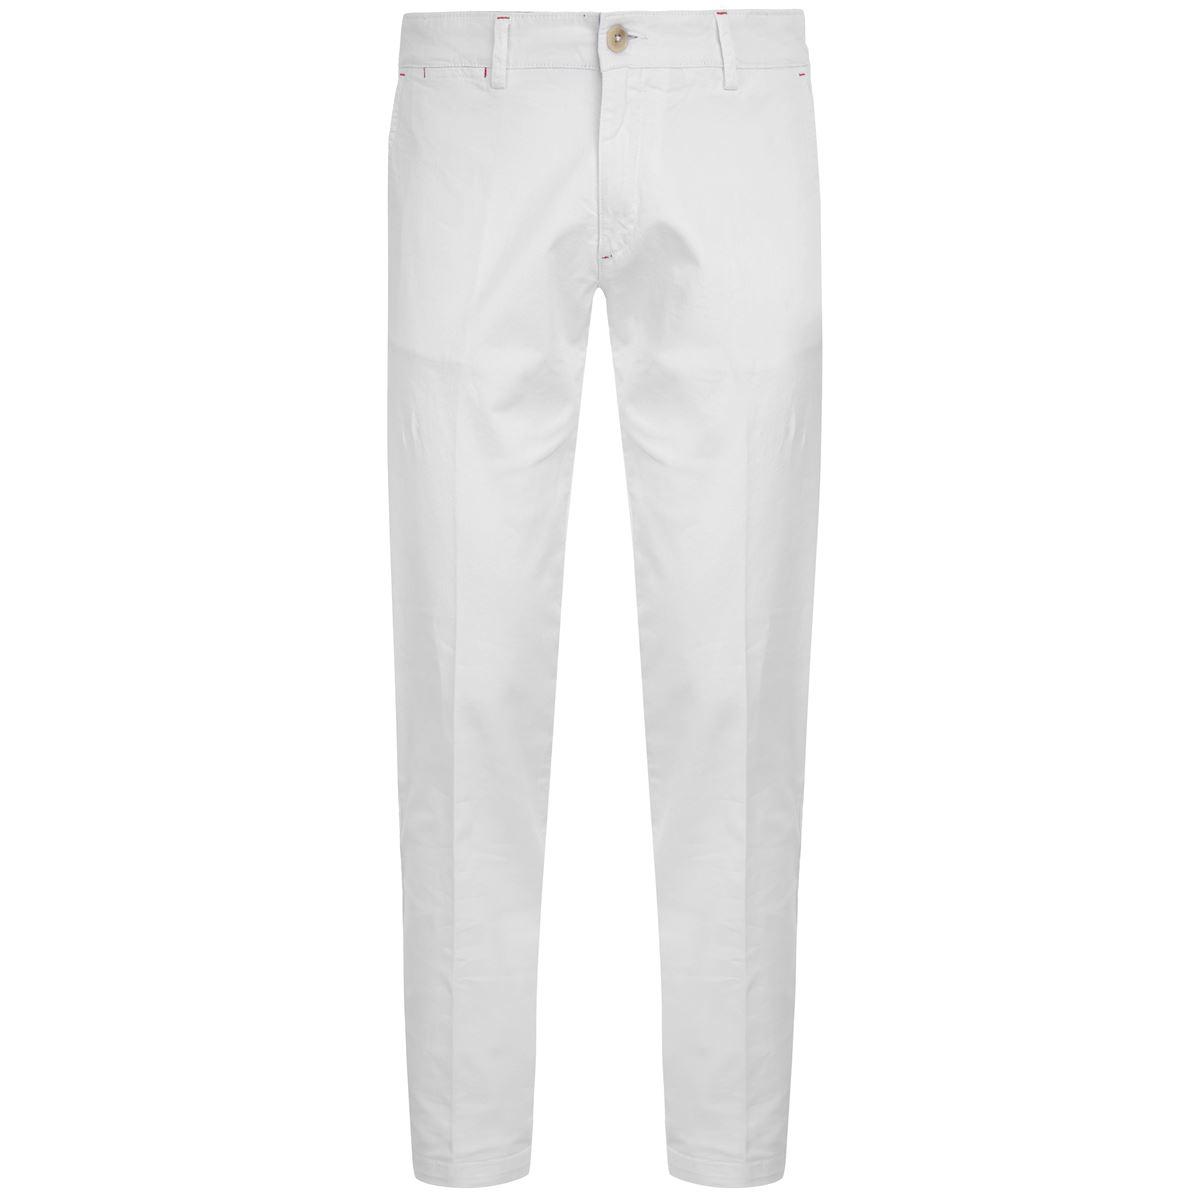 Robe di Kappa Pantaloni uomo-611144W